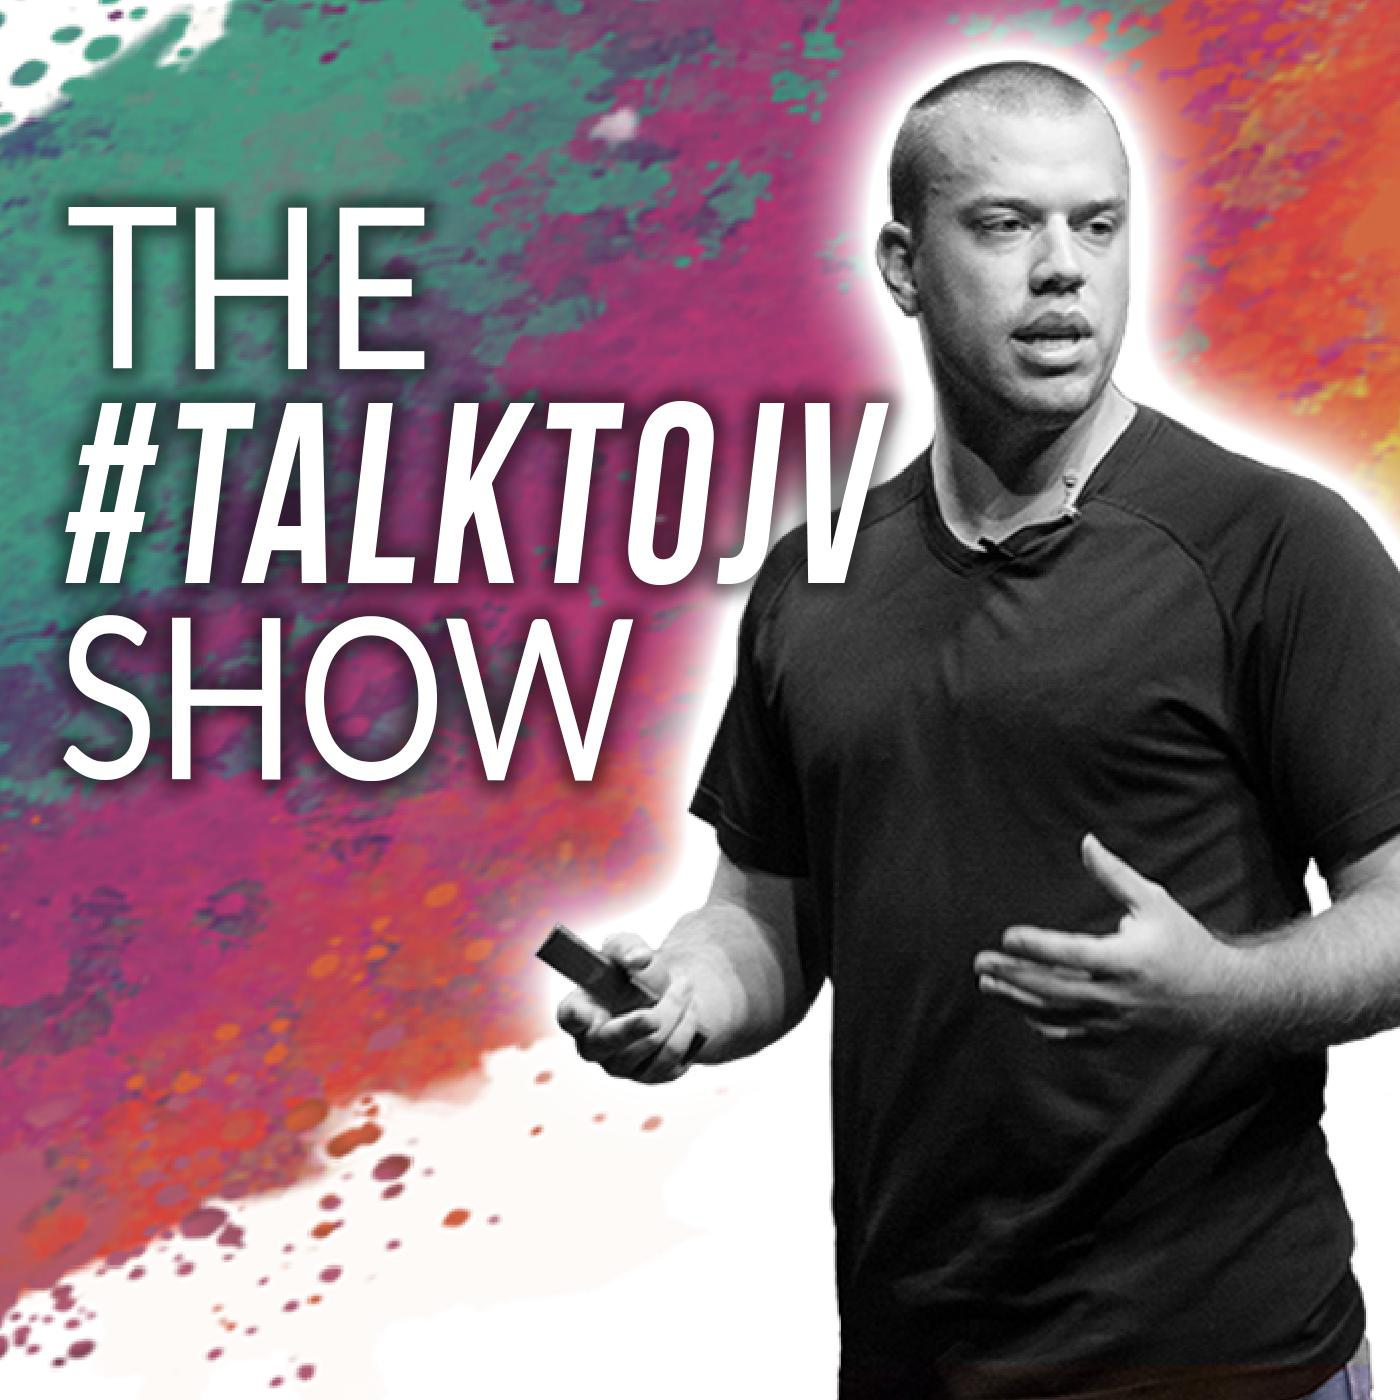 The #TalktoJV Show show art